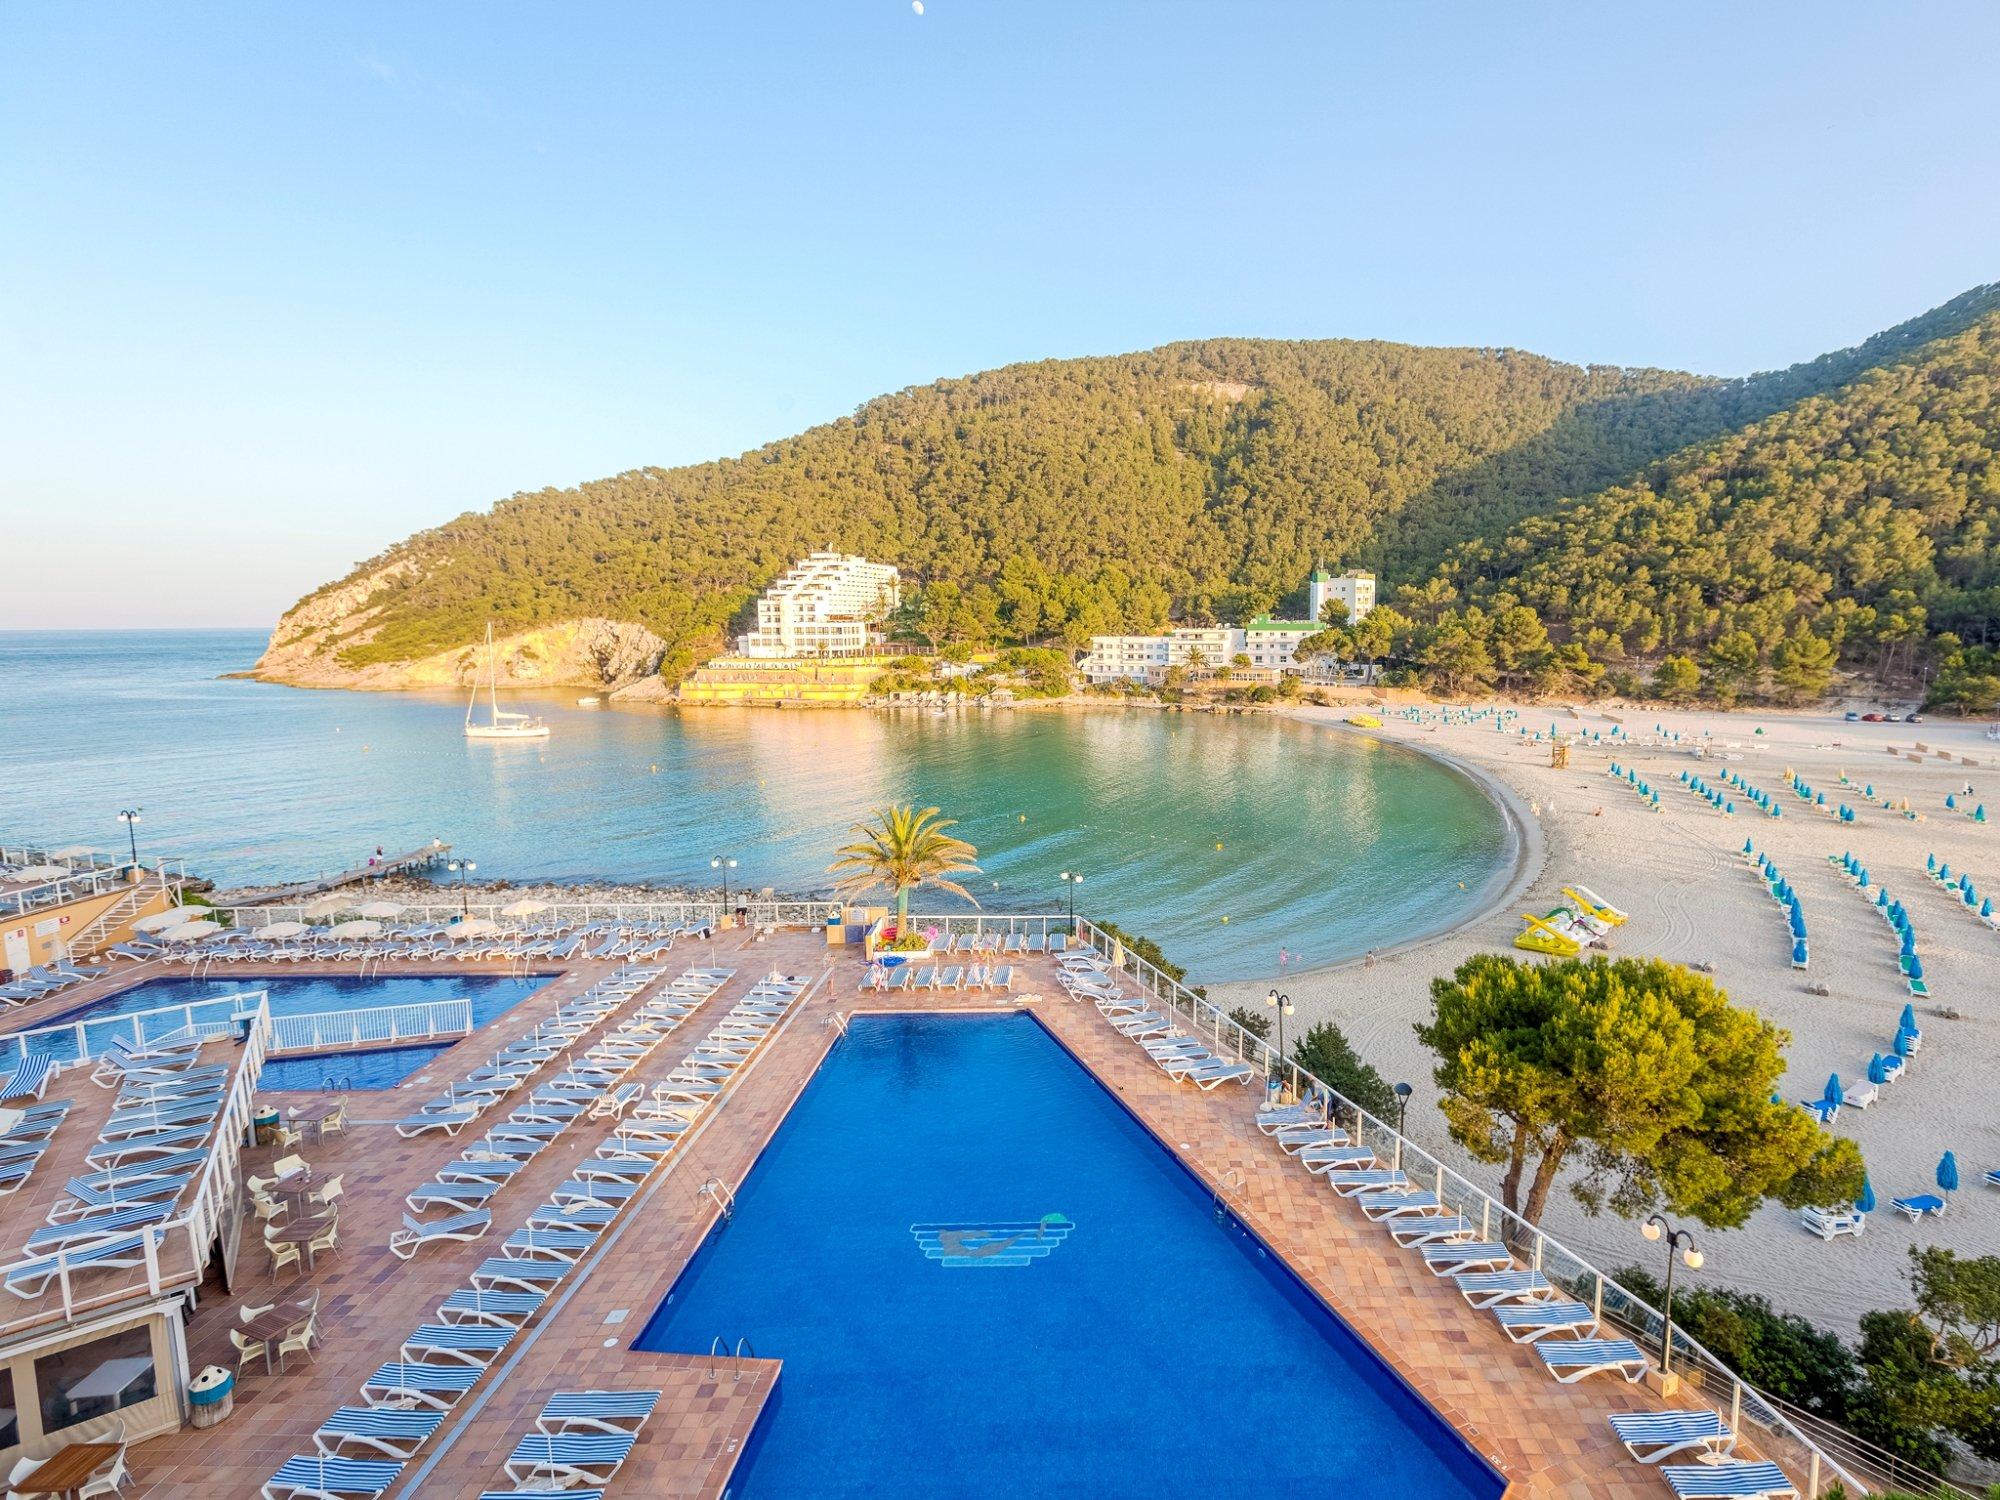 Sirenis cala llonga resort updated 2017 prices amp resort